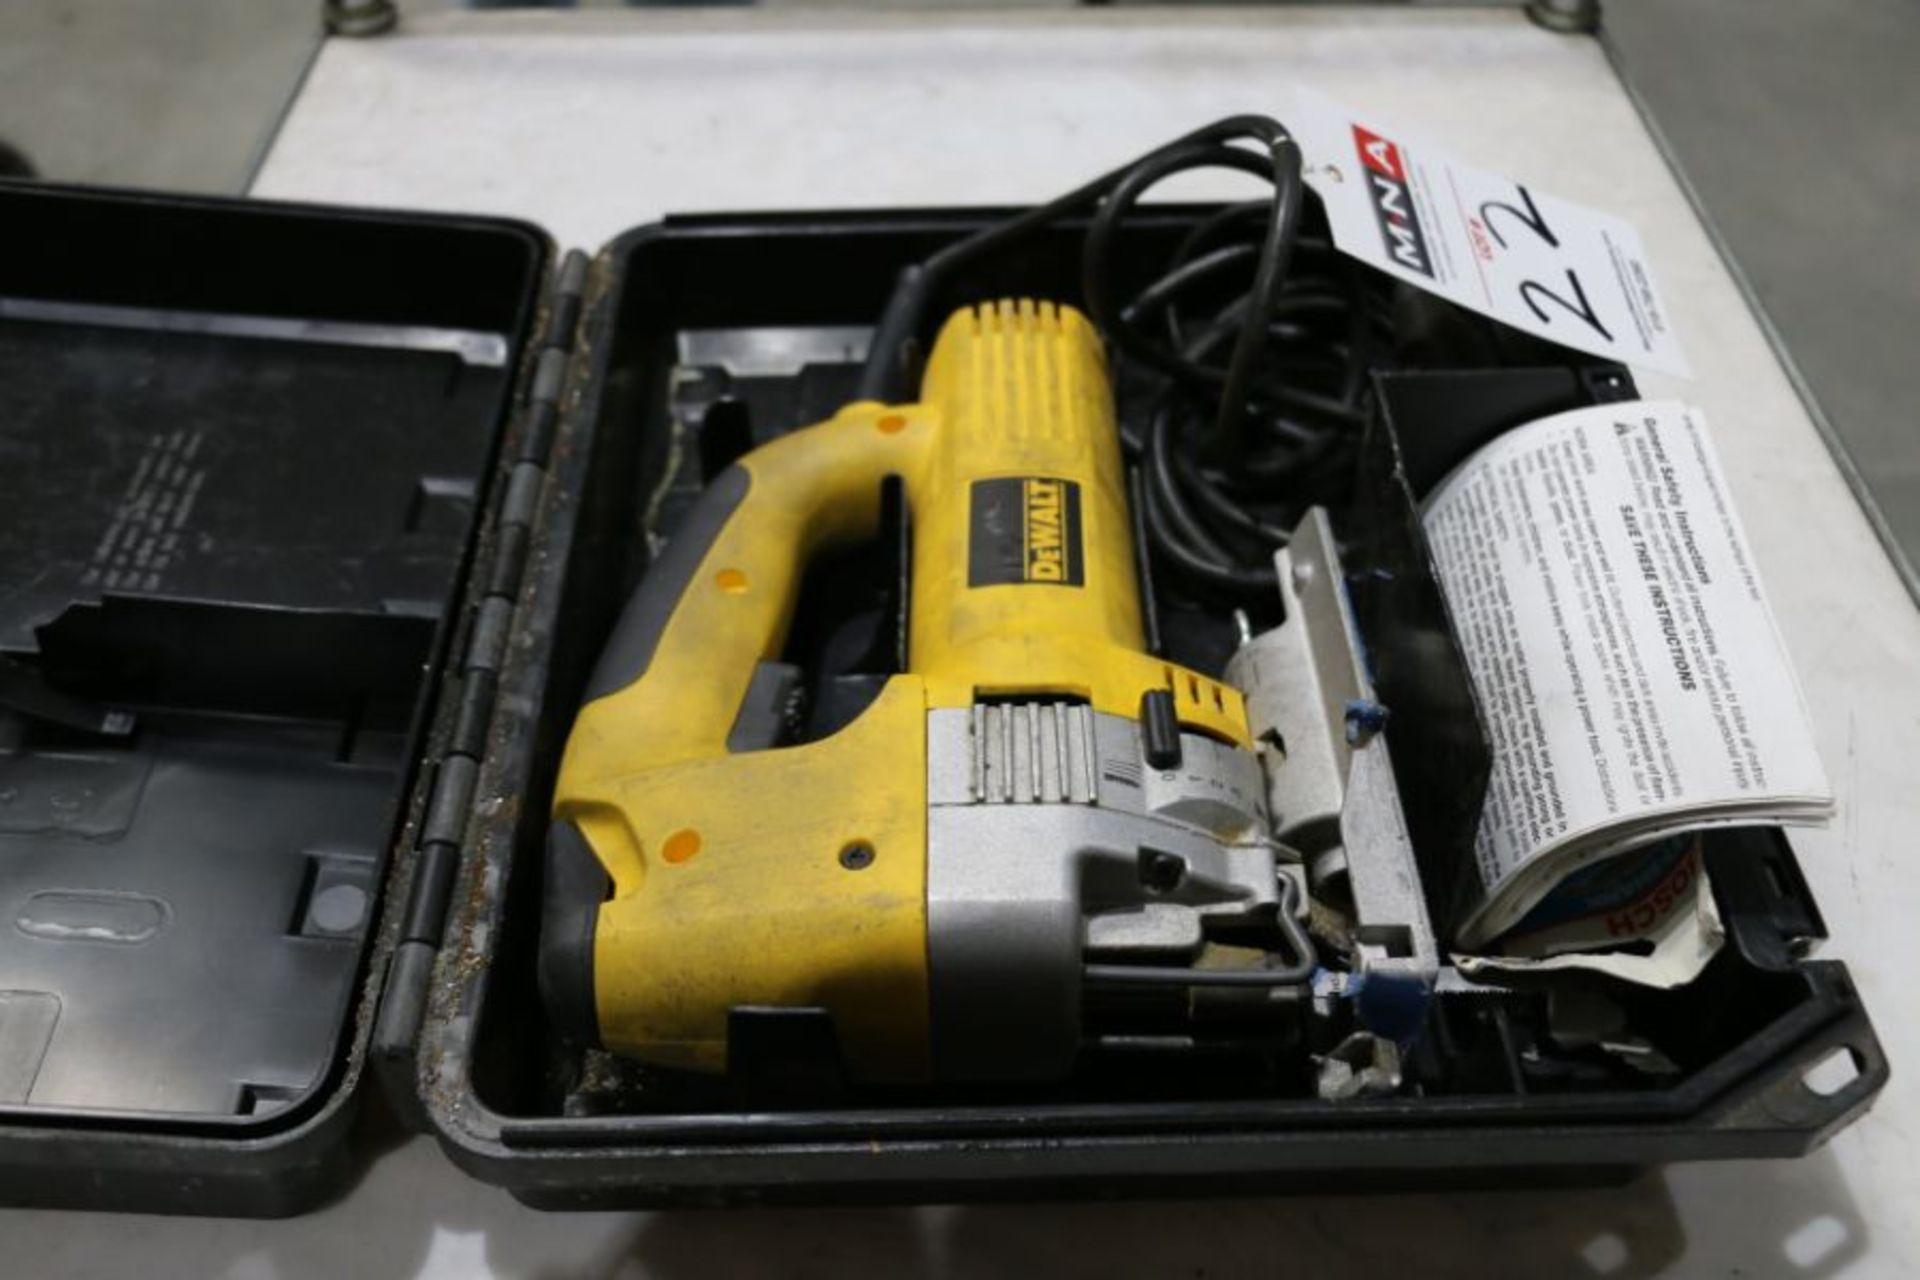 Dewalt DW321 Variable Speed 60mm Jig Saw - Image 3 of 4